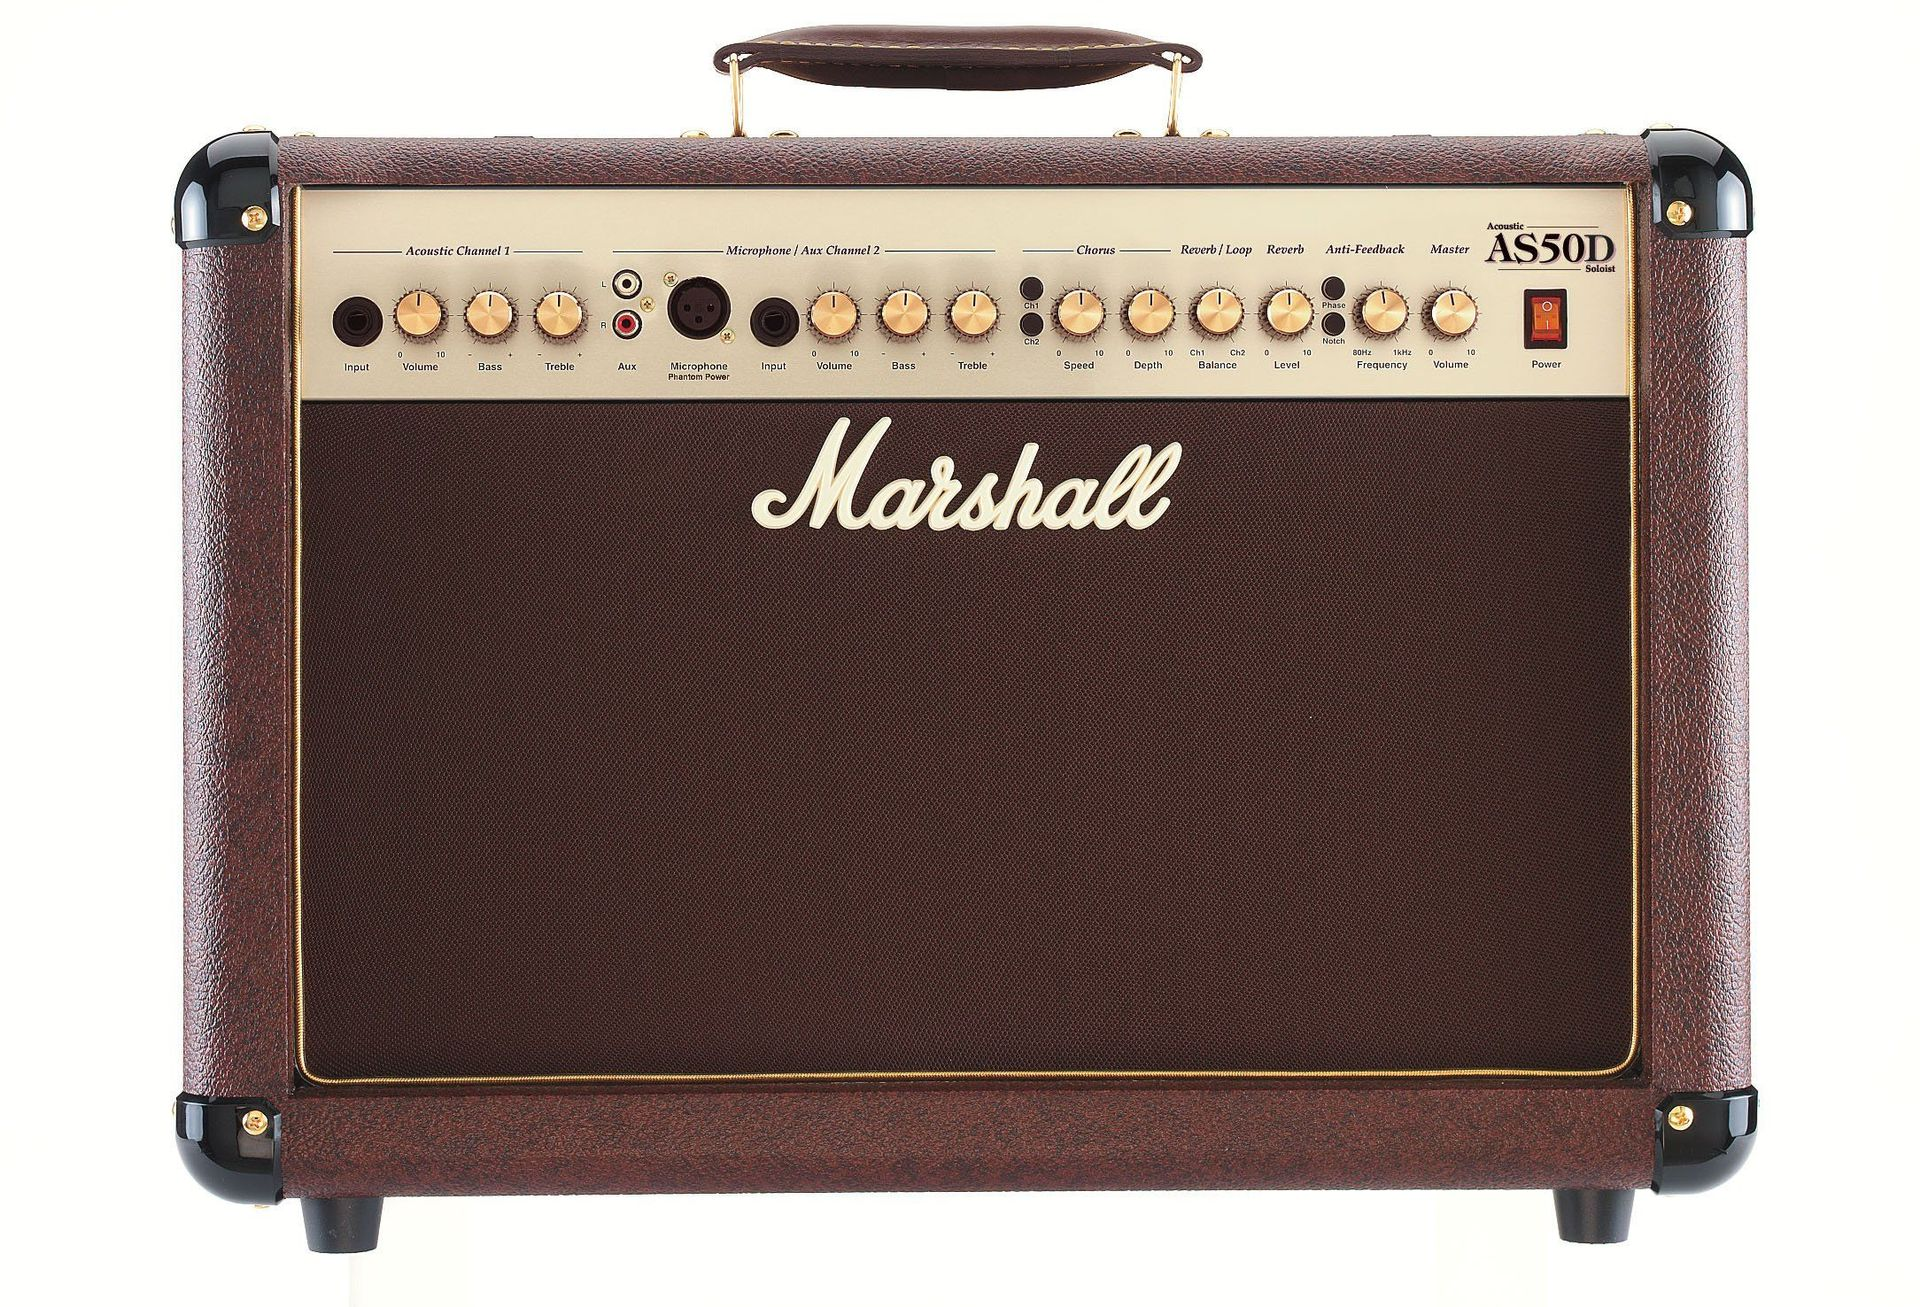 Marshall AS-50 D Akustik Verstärker